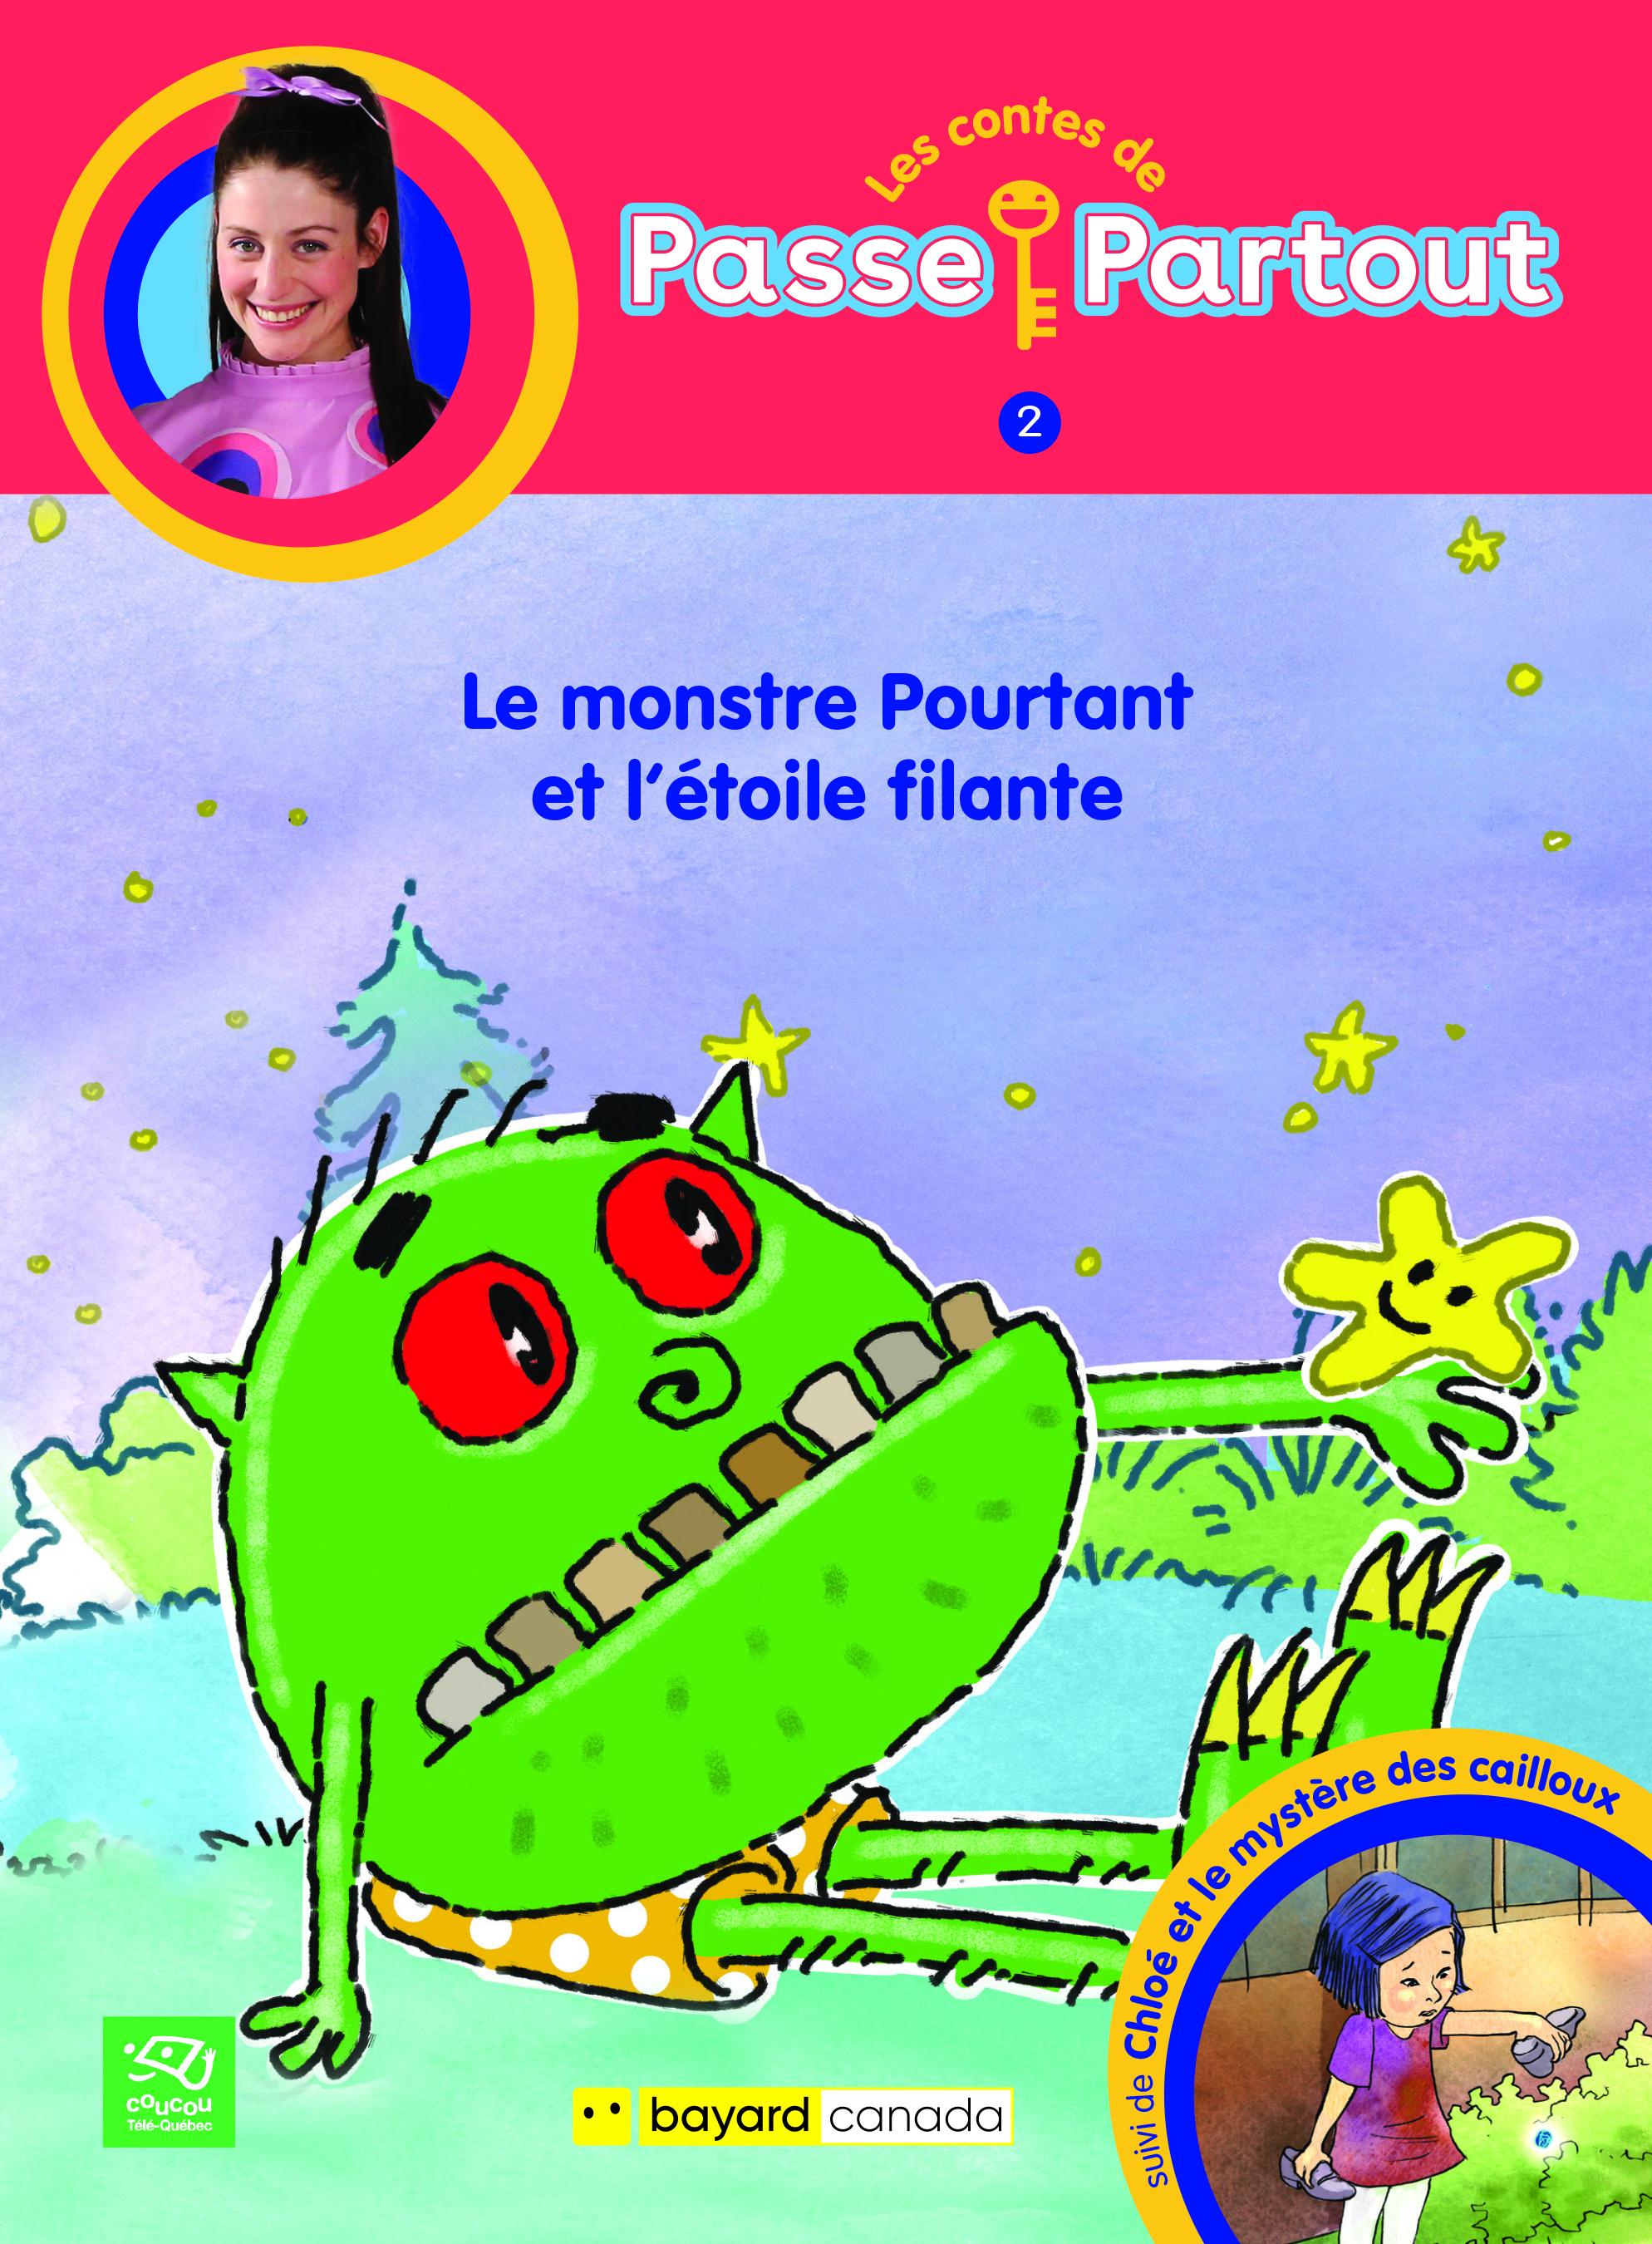 Le monstre Pourtant et l'étoile filante : 2e conte: Chloé et le mystère des cailloux